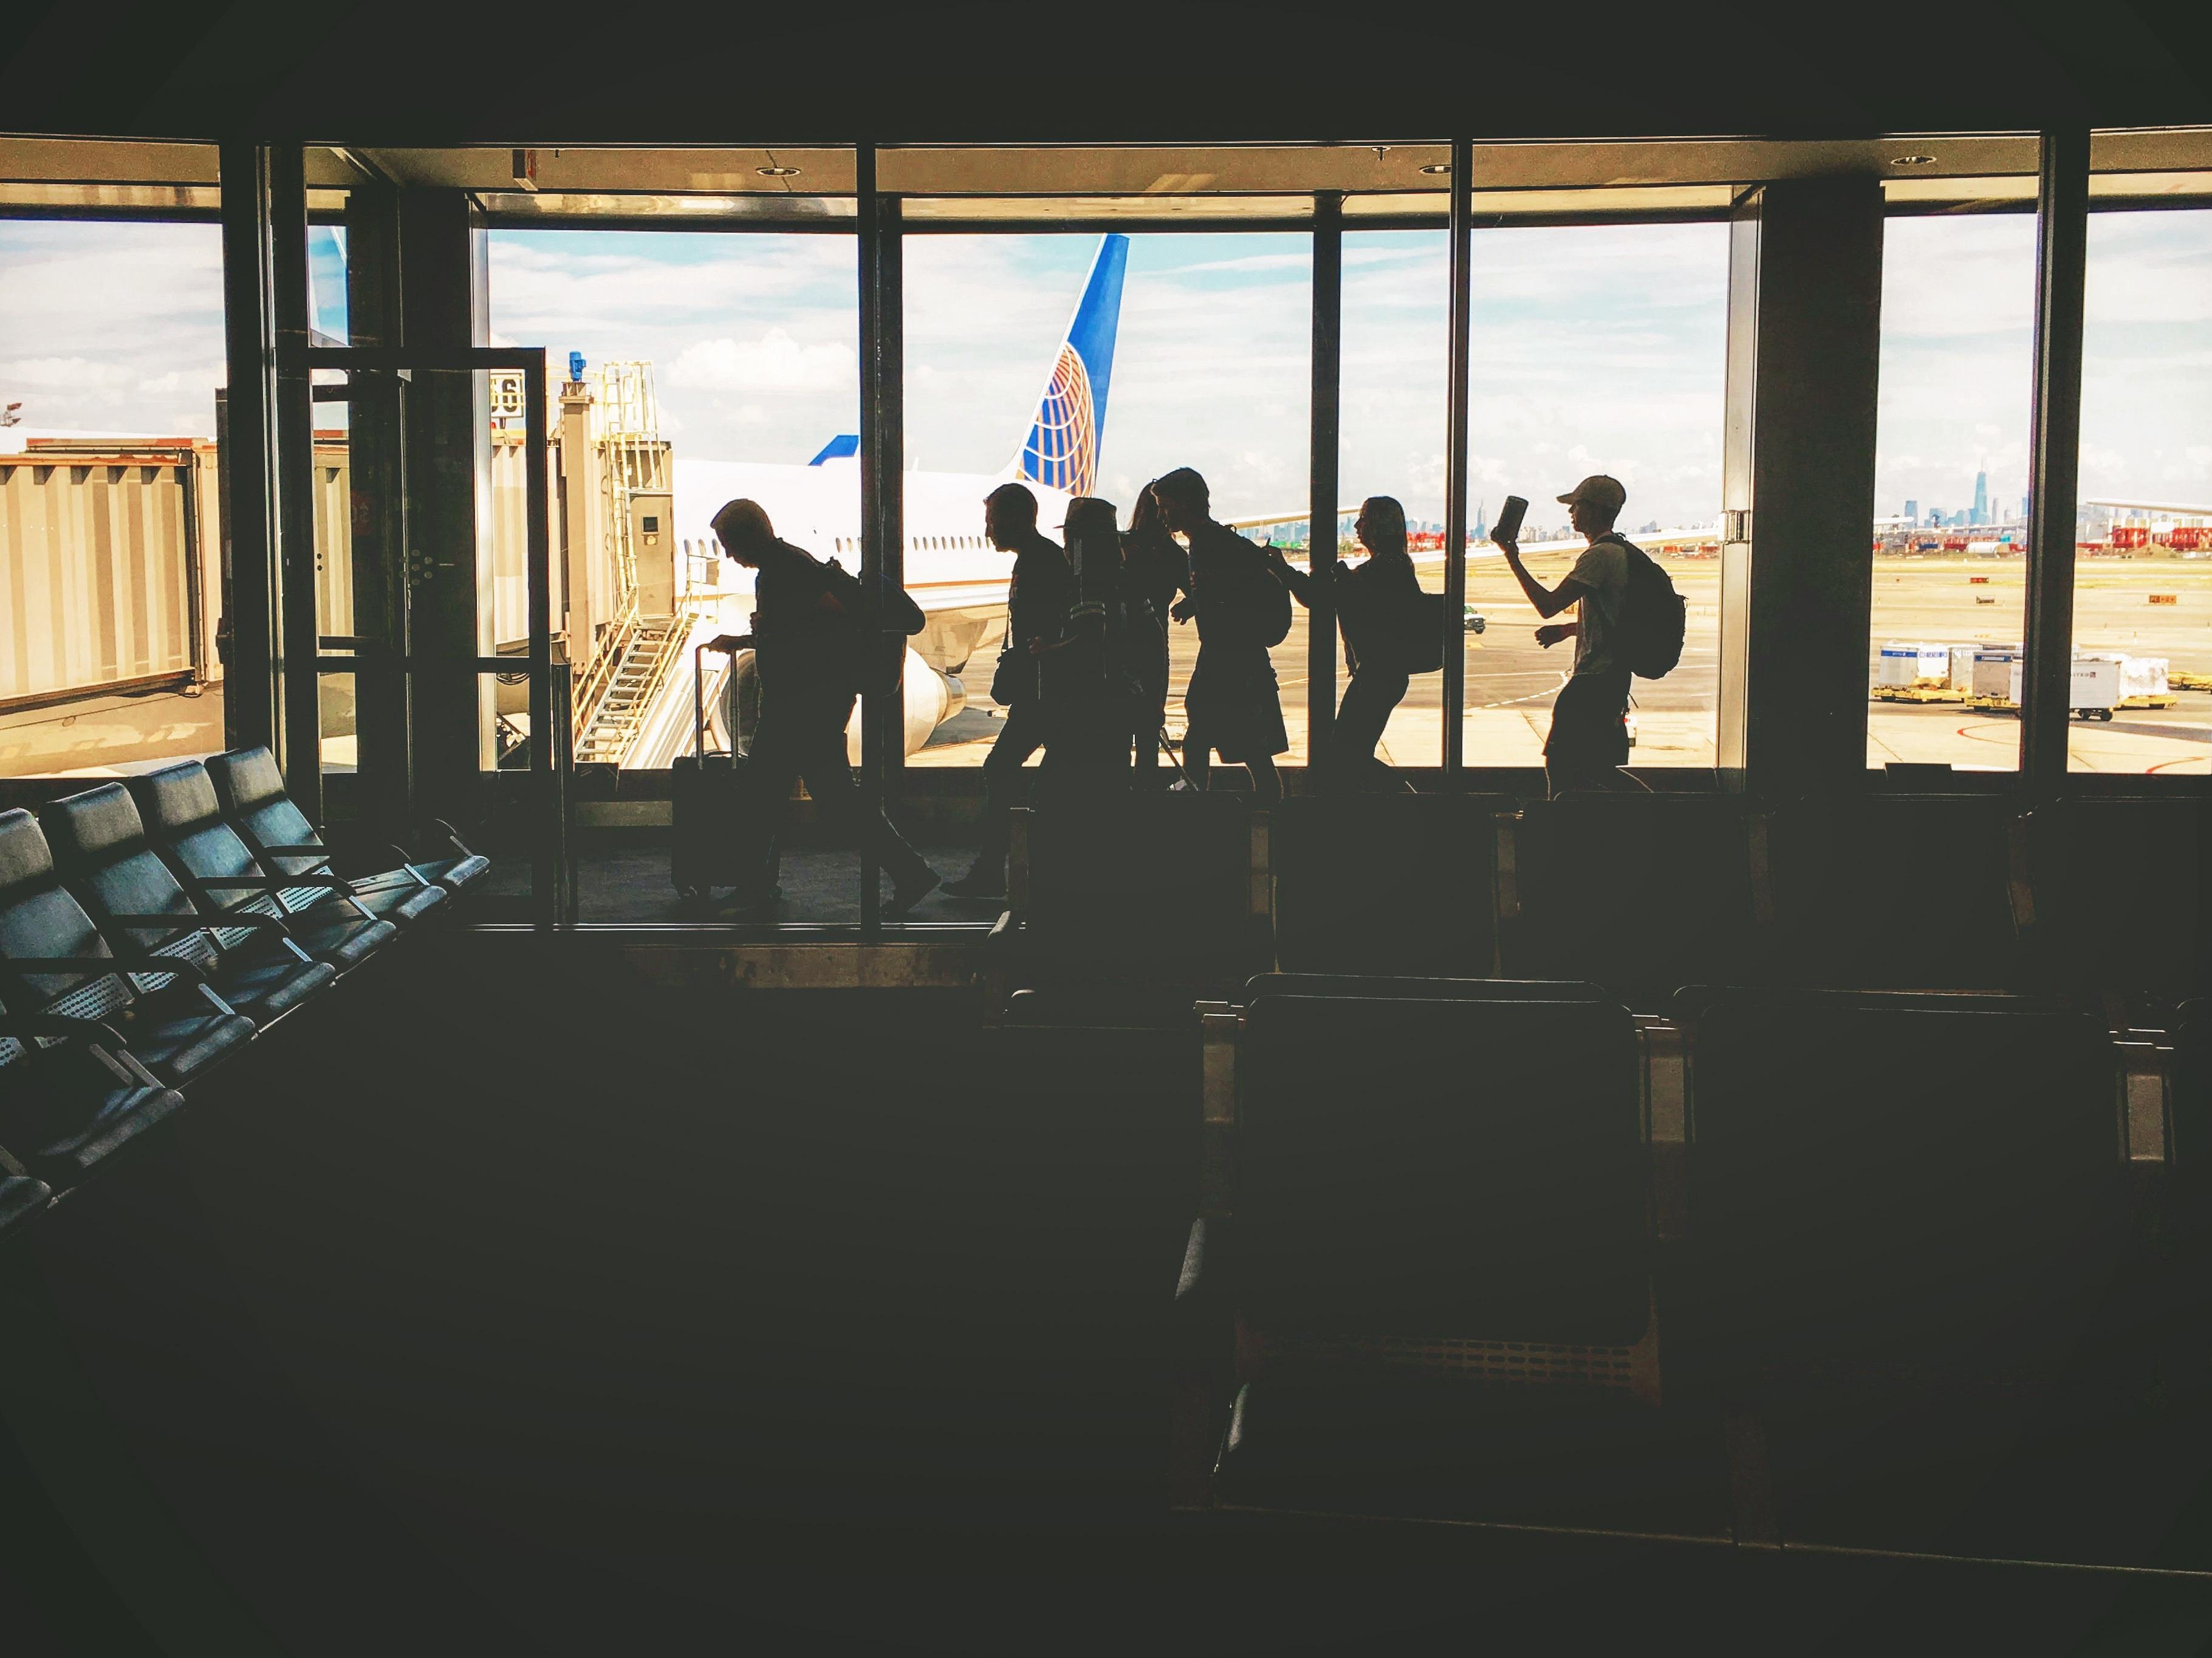 Gambar Bayangan Hitam Orang Orang Bandara Perjalanan Pesawat